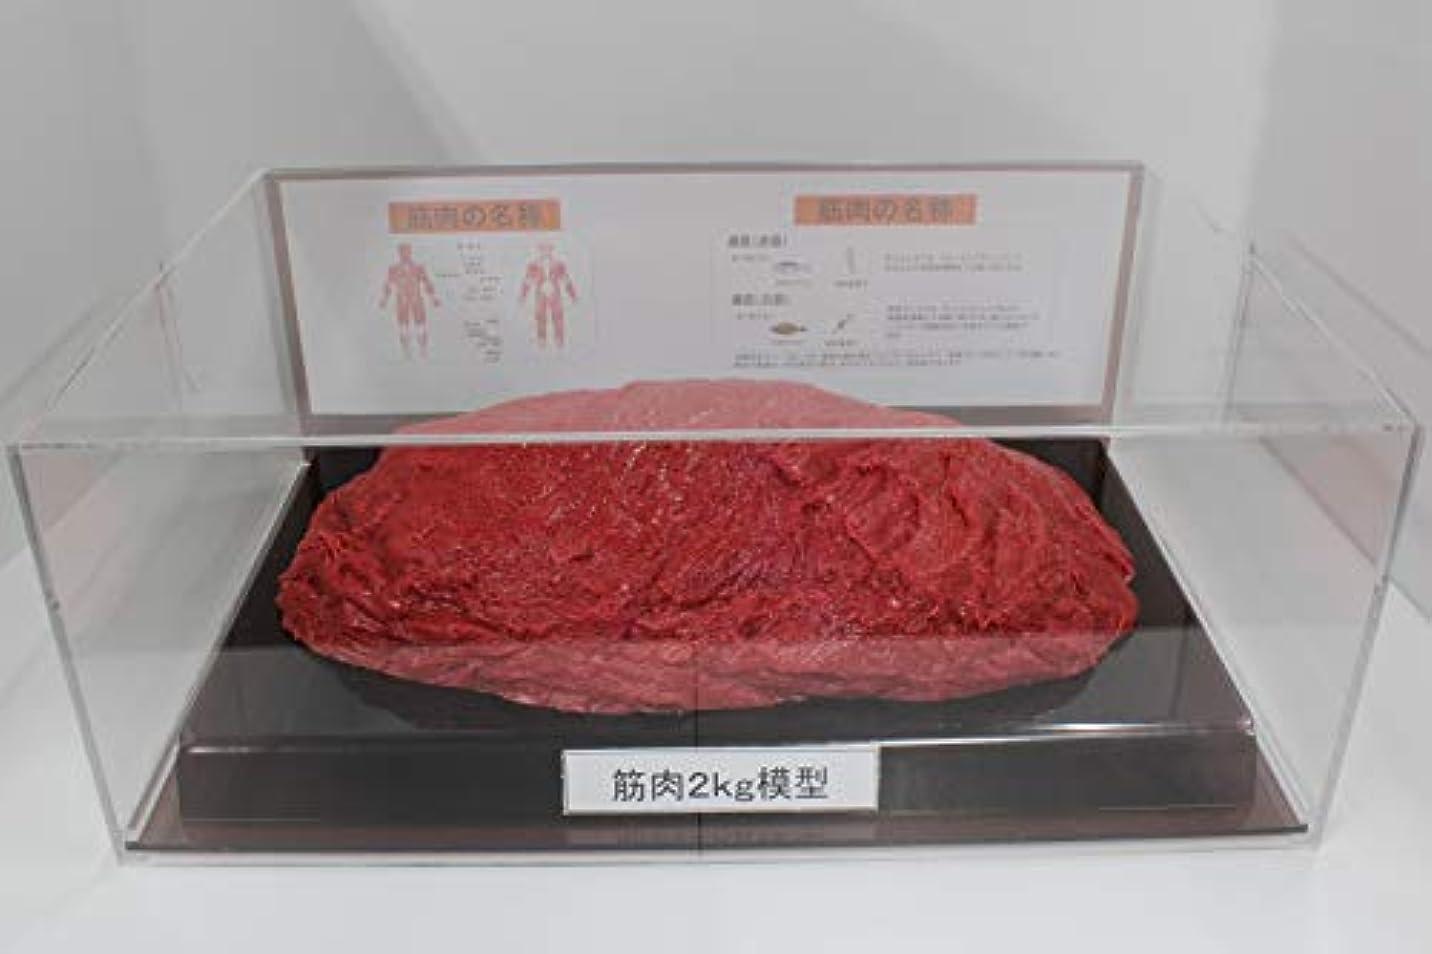 苦しむ束結論筋肉模型 フィギアケース入 2kg ダイエット 健康 肥満 トレーニング フードモデル 食品サンプル